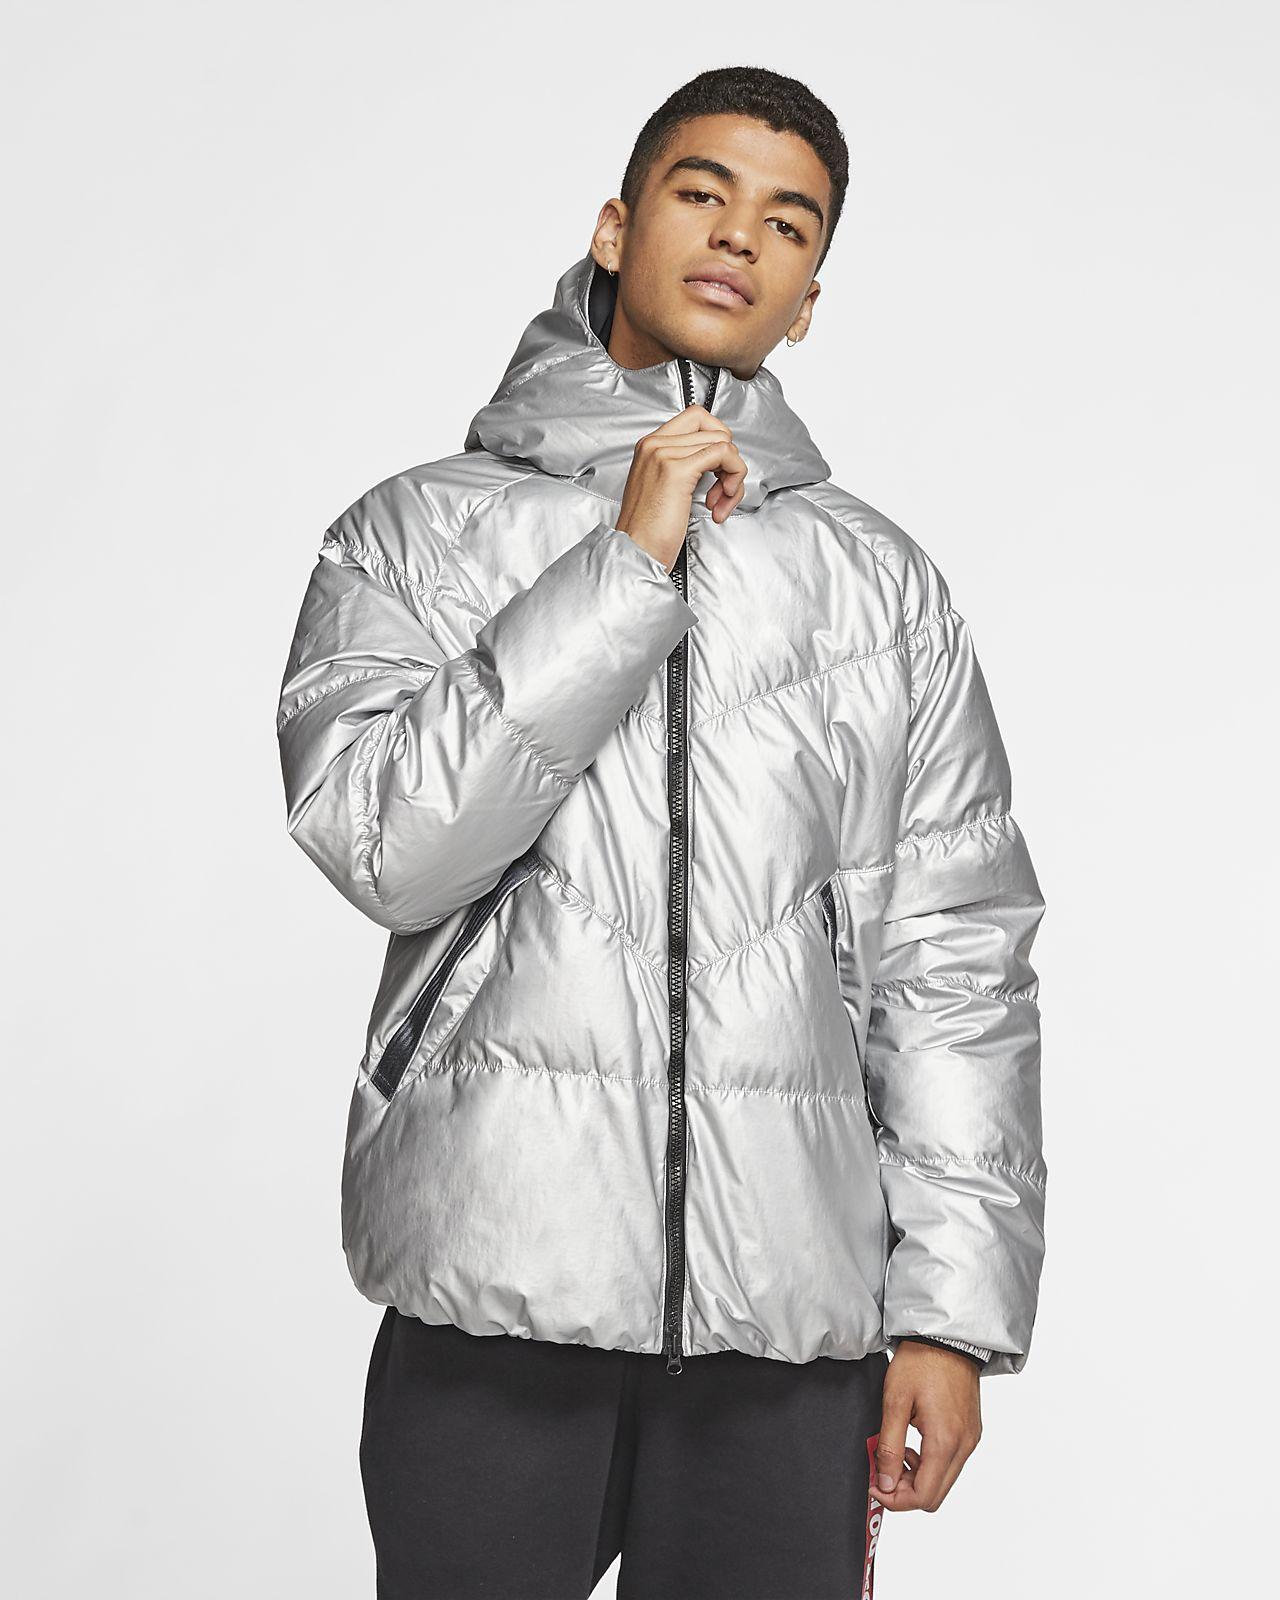 metallic silver nike jacket